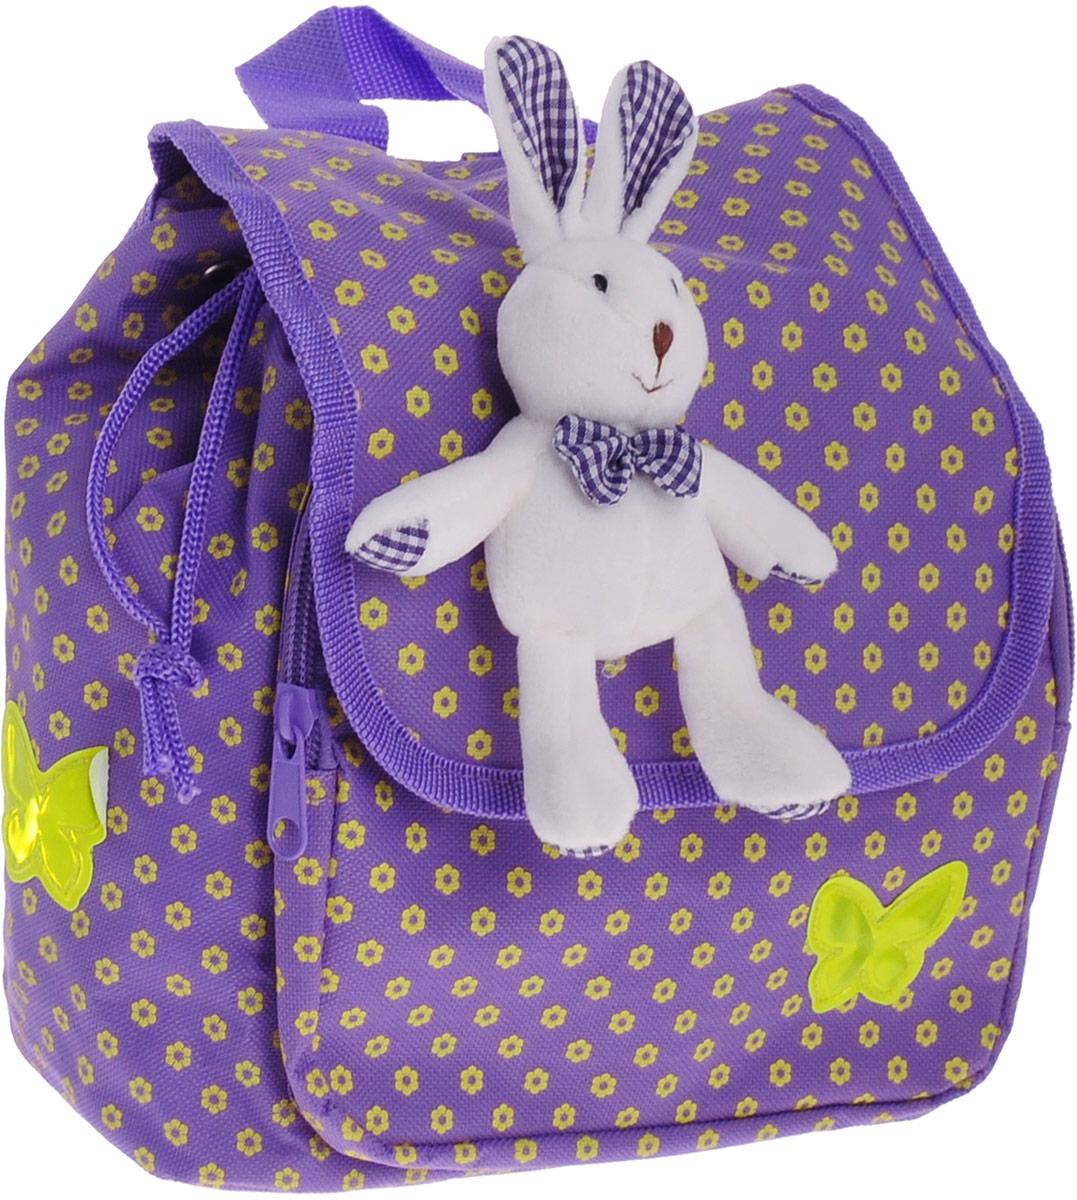 Феникс+ Рюкзак дошкольный Цветочки44307Дошкольный рюкзак Феникс+ Цветочки обязательно пригодится вашему ребенку! Он может взять его с собой на прогулку, в гости или в детский сад.Рюкзак выполнен из износоустойчивой ткани, что позволяет ему надежно служить долгое время. Изделие декорировано мягкой игрушкой в виде зайца.Изделие содержит одно отделение, затягивающееся шнурком с пластиковым фиксатором, а сверху дополнительно закрывается клапаном на липучках. На лицевой стороне расположен накладной карман на застежке-молнии.Рюкзак оснащен регулируемыми по длине плечевыми лямками и дополнен текстильной ручкой для переноски в руках. Светоотражающие элементы не оставят незамеченным вашего ребенка в темное время суток.